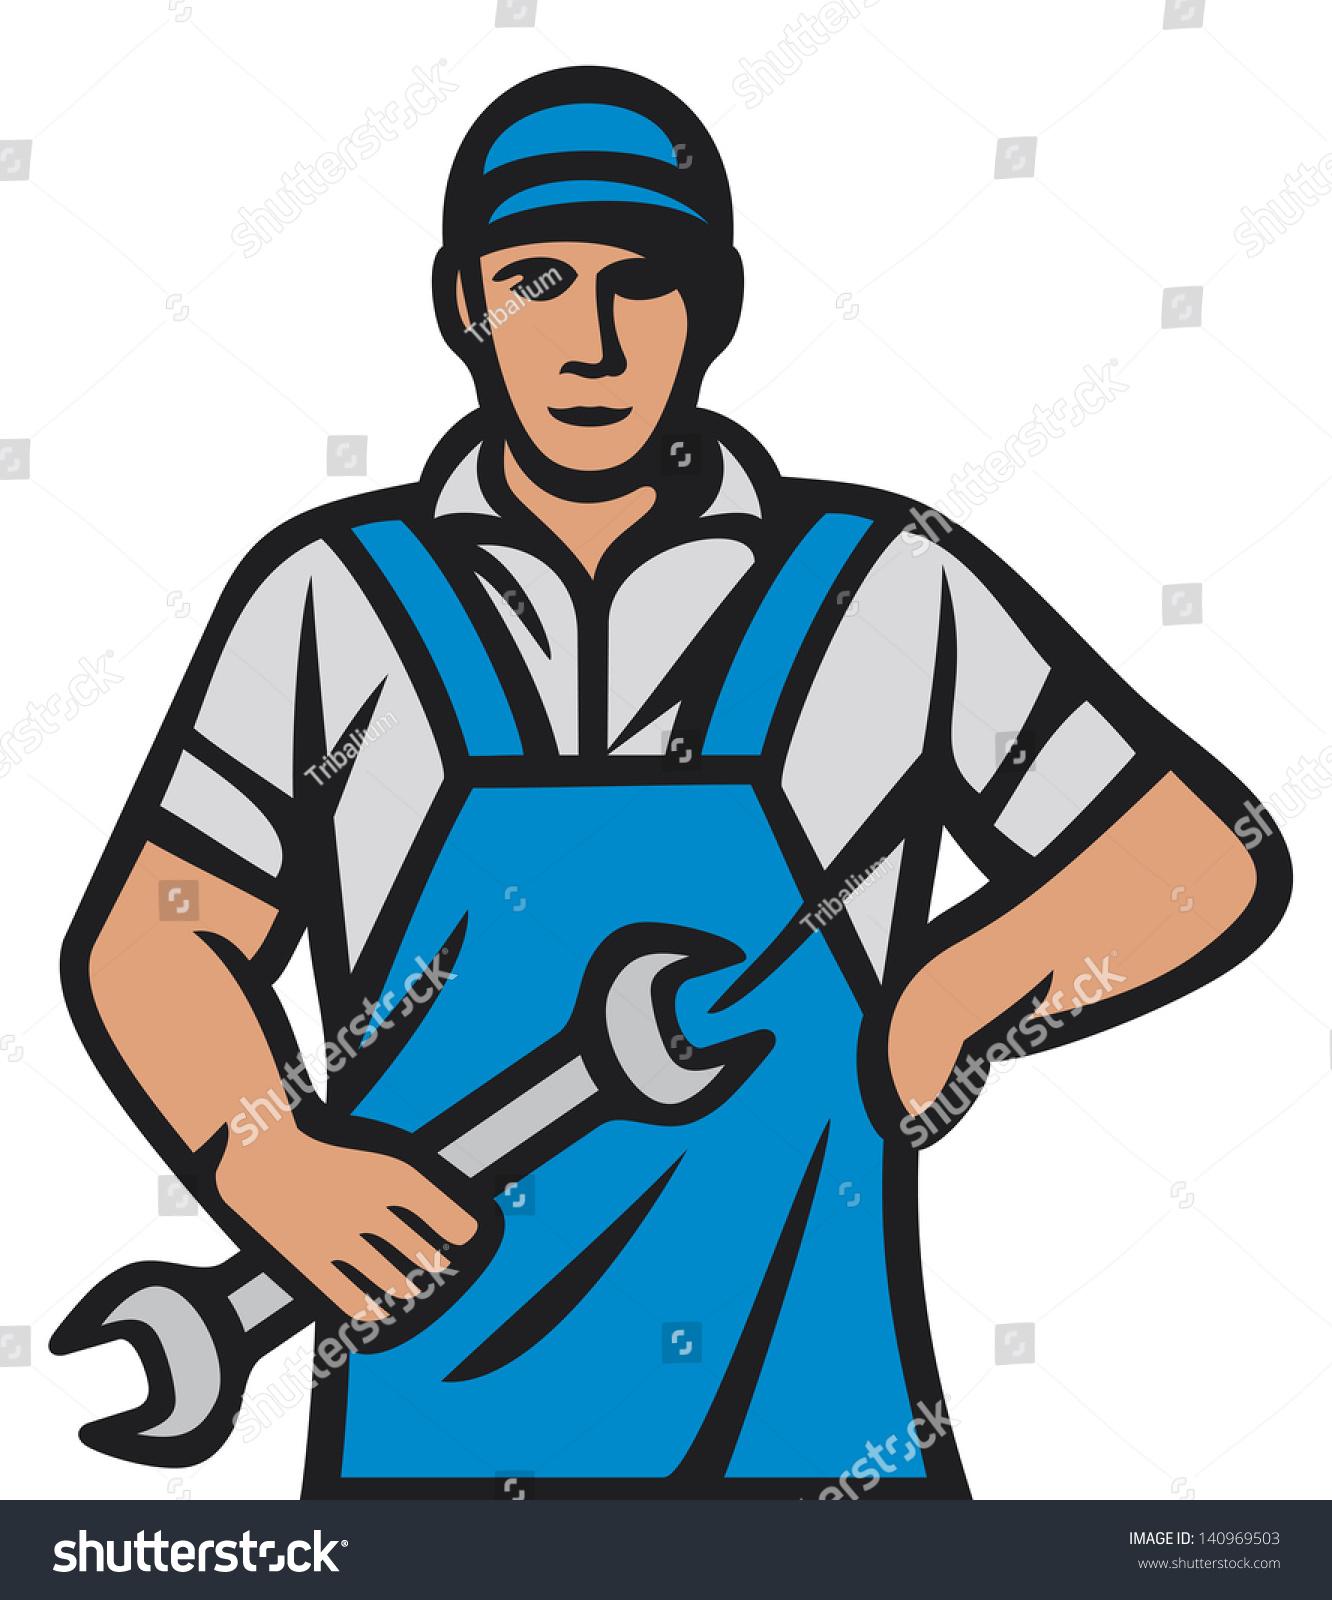 汽车维修专业人员(汽车修理工工人,汽车维修,专业工人